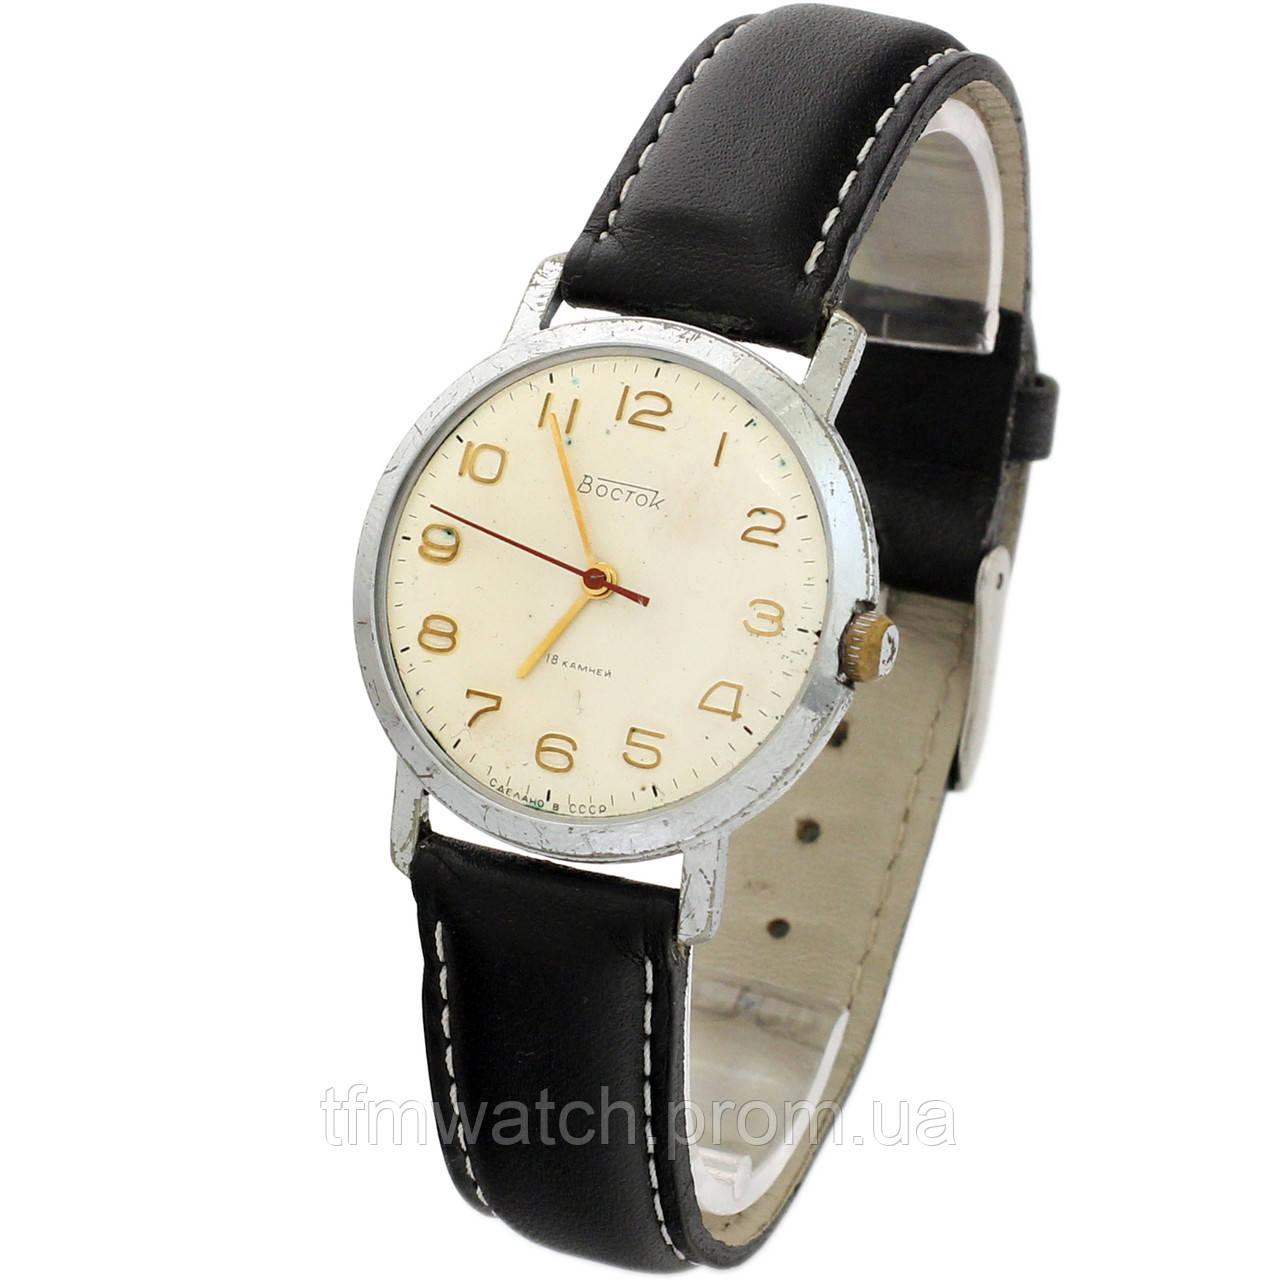 Камней 18 ссср восток цена продать часы ростов ломбард часы наручные